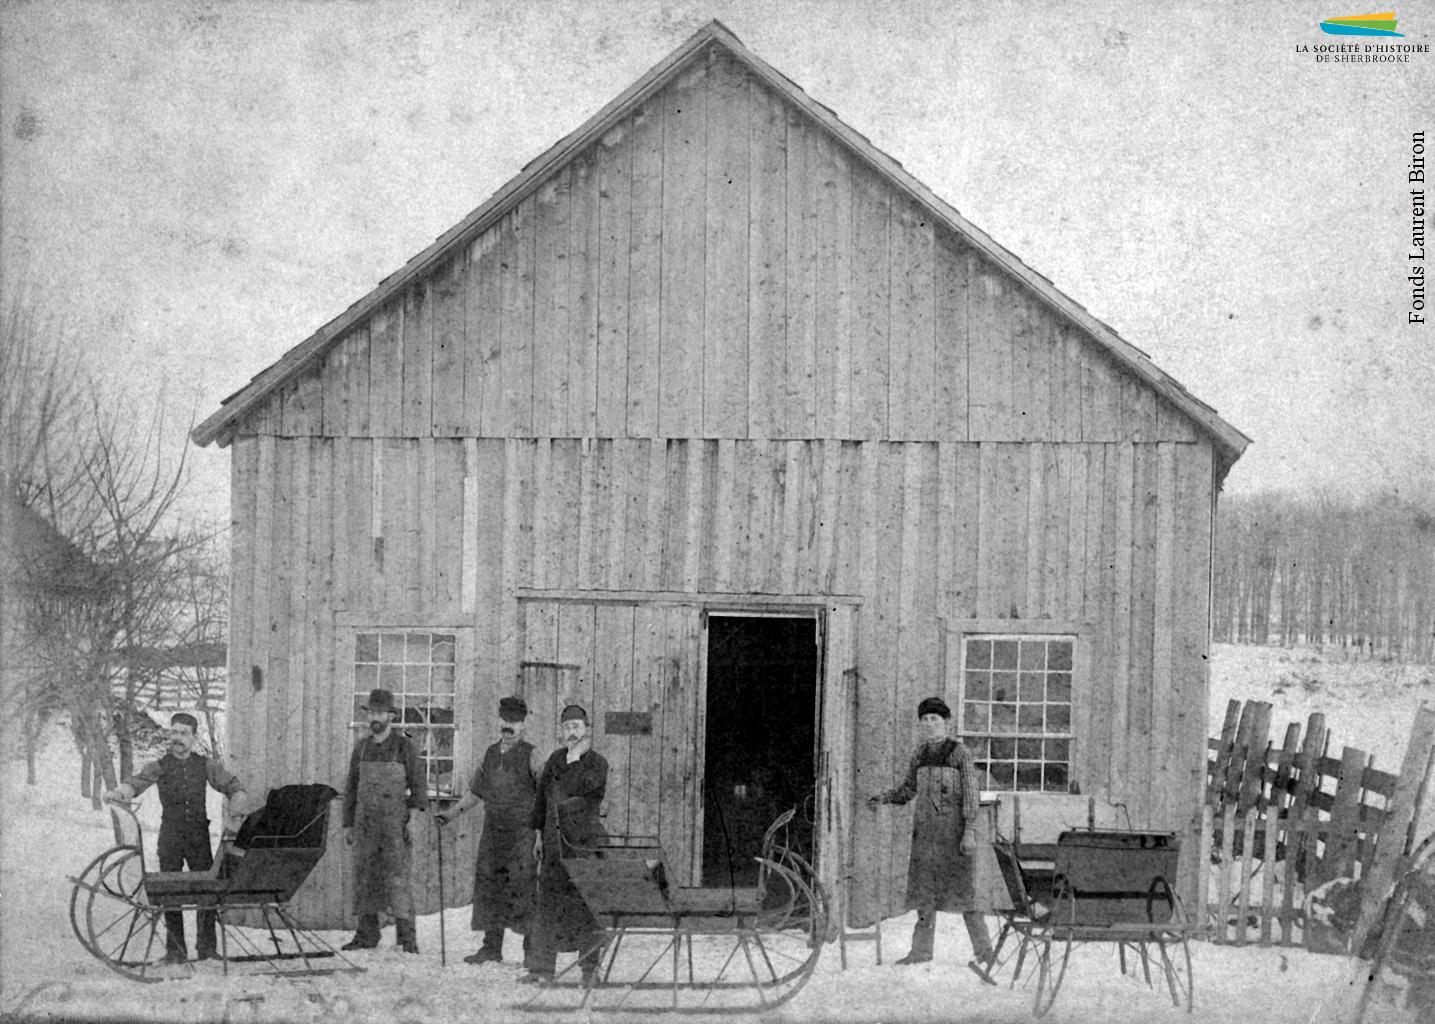 Des travailleurs de la compagnie P. Biron & Sons, qui fabrique des traîneaux et des voitures tirées par des chevaux, en 1897. Pamphile Biron s'installe à Sherbrooke en 1857, puis ouvre son atelier sur la rue Bowen Sud en 1870. À sa mort en 1917, ses fils reprennent l'entreprise.